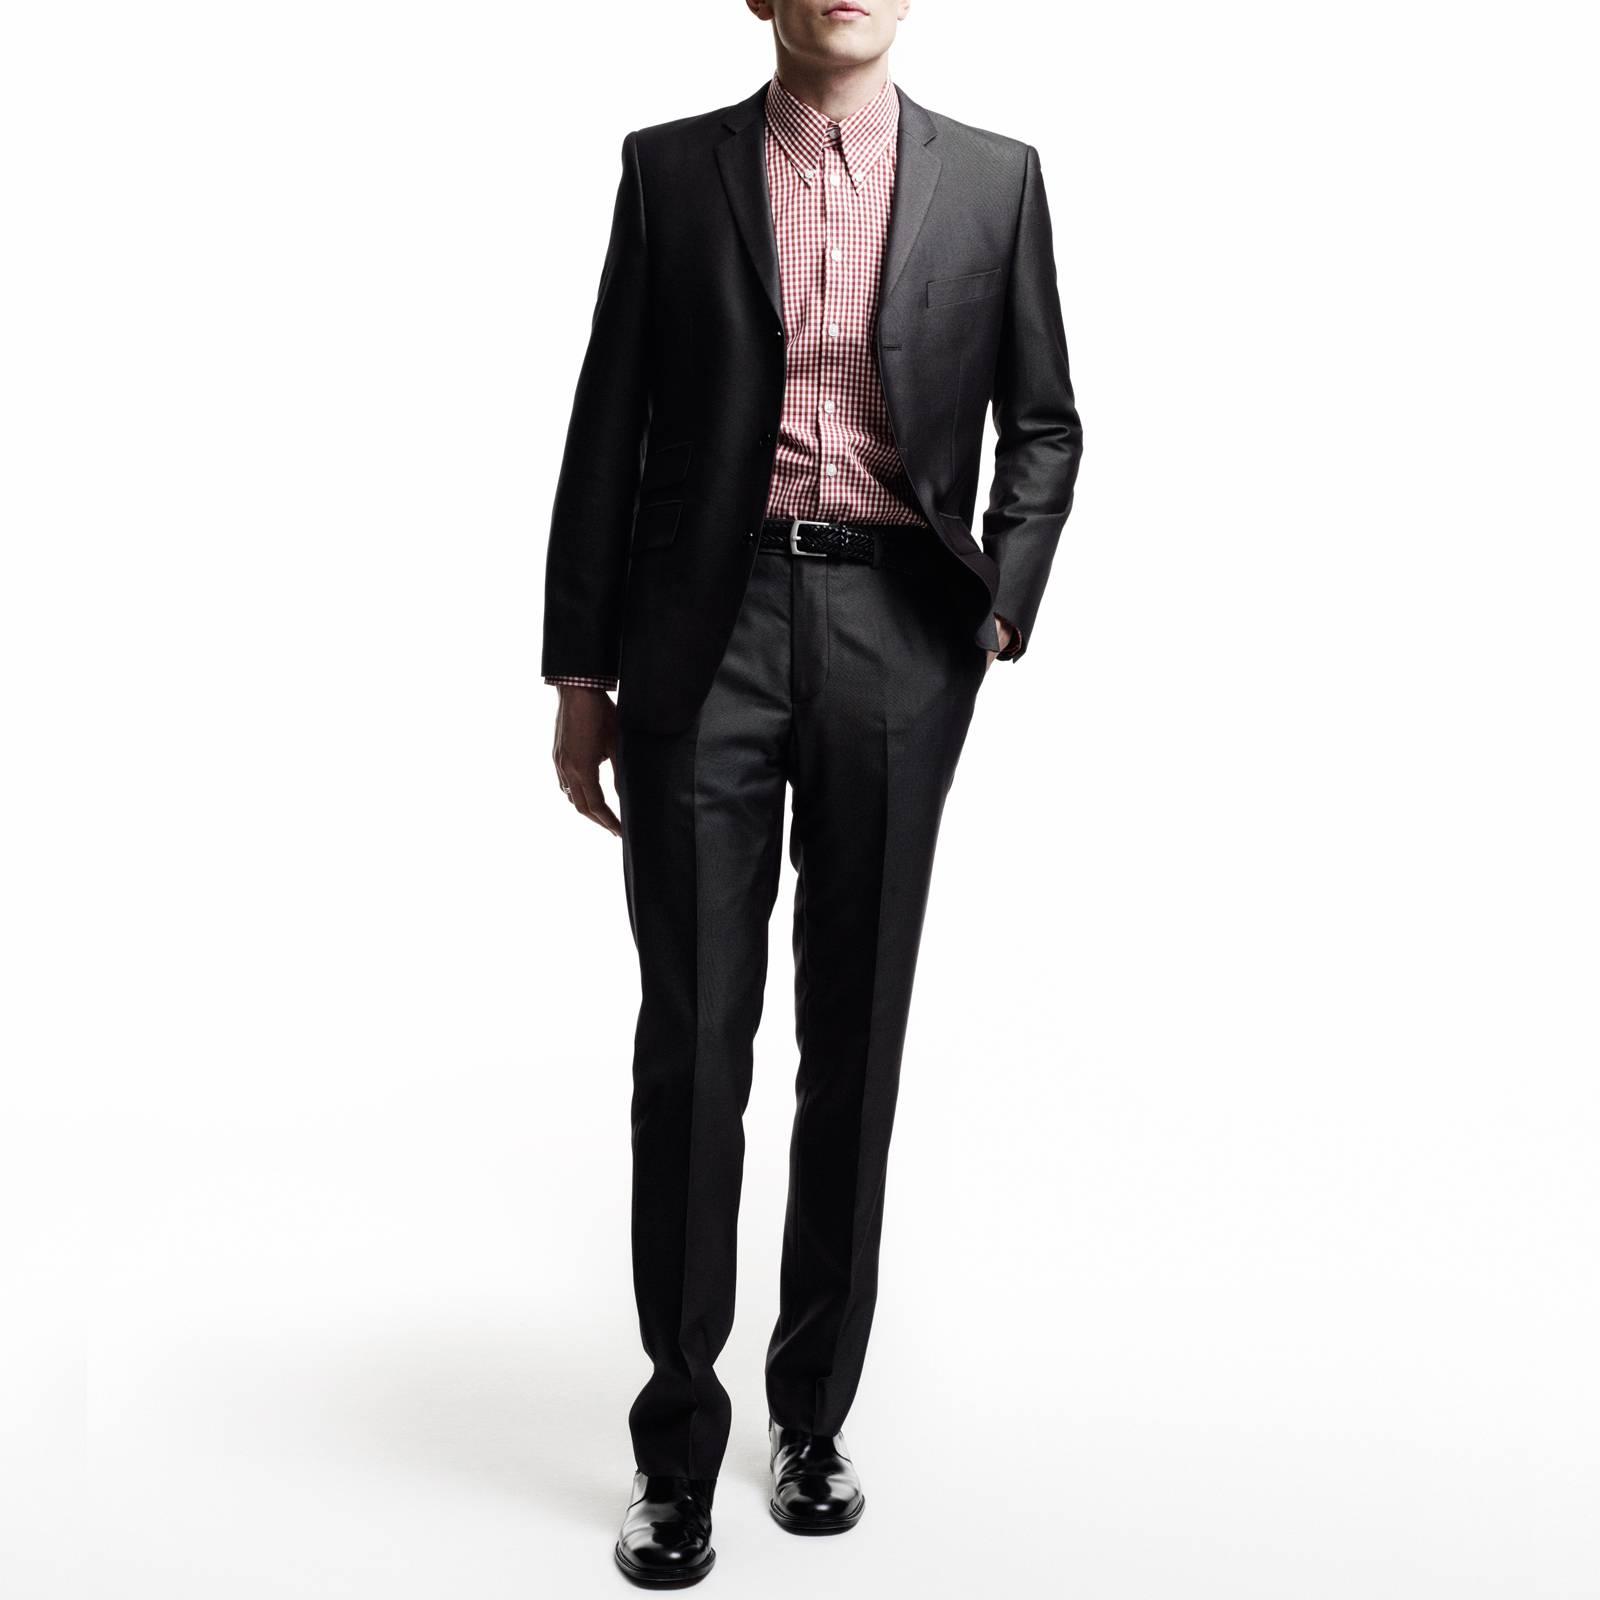 Брюки Gin TrsКостюмы и пиджаки<br>Мужской костюм-двойка из мягкой комбинированной ткани с эффектом отлива – современная стилизация исторической модели Tonic Suit – иконы mod look 60-х, прославленной британскими модами Свингующего Лондона. Прилегающий пиджак с узкими лацканами и декоративны двойным карманом справа, атласная малиновая подкладка, сужающиеся к низу брюки, – именно в такой костюм одевался культовый персонаж знаменитого фильма о мод-культуре Quadrophenia (Квадрофения) – лондонский мод Джим. Знаковым, исконным элементом мод стиля было сочетание Tonic Suit с мешковатой защитно-зеленой военной фиштейл паркой, сохранявшей наряд во время поездки на скутере. Сегодня этот костюм отлично вписывается как в формальный, так и в клубный smart casual дресс-код в сочетании с рубашкой button-down и классической обувью Челси или Дерби. Подкладка - 50% полиэстер, 50% ацетат.<br><br>Артикул: 1210109T<br>Материал: 77% полиэстер, 23% вискоза<br>Цвет: мокрого асфальта<br>Пол: Мужской